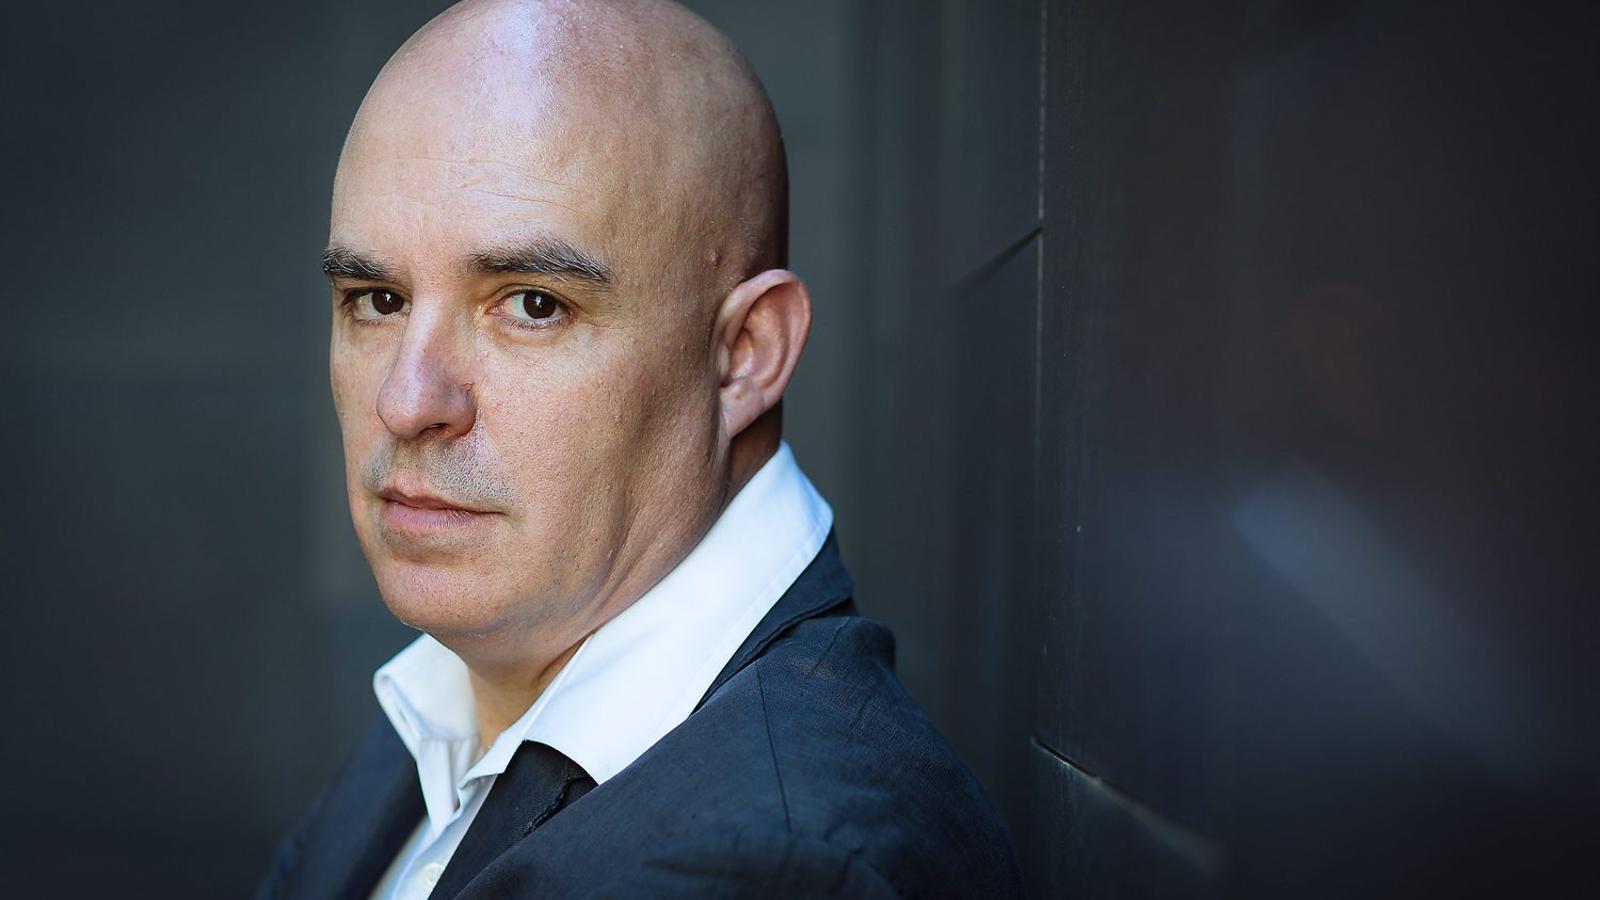 Albert Villaró (la Seu d'Urgell, 1964) ha publicat vuit novel·les, entre les quals hi ha Els ambaixadors, premi Josep Pla 2014.